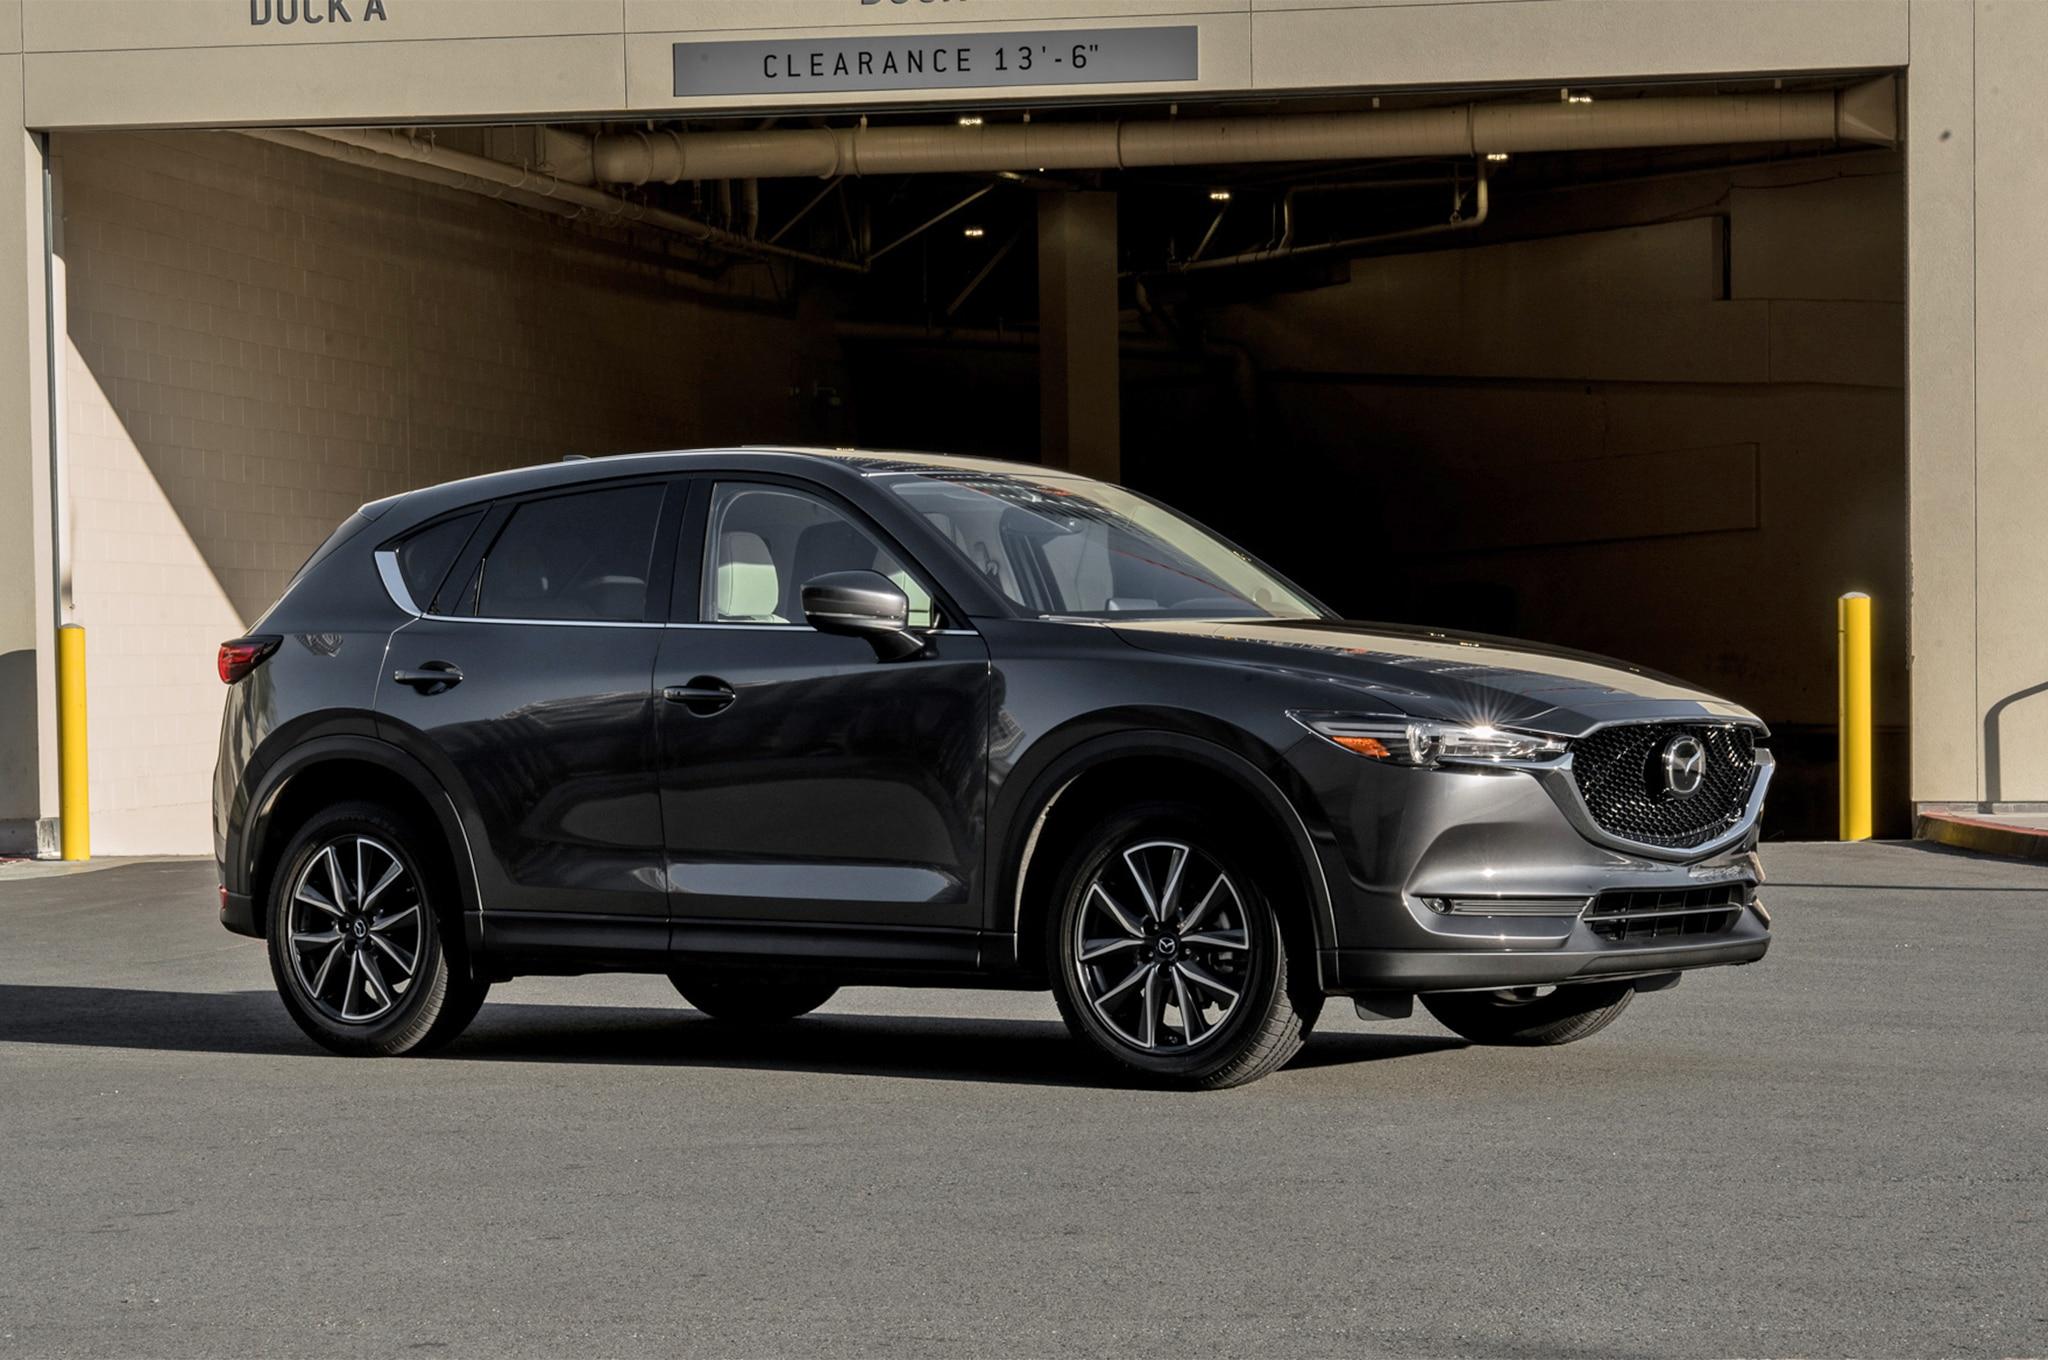 Mazda Cx 5 0 60 >> 2017 Mazda Cx 5 First Drive Review Automobile Magazine